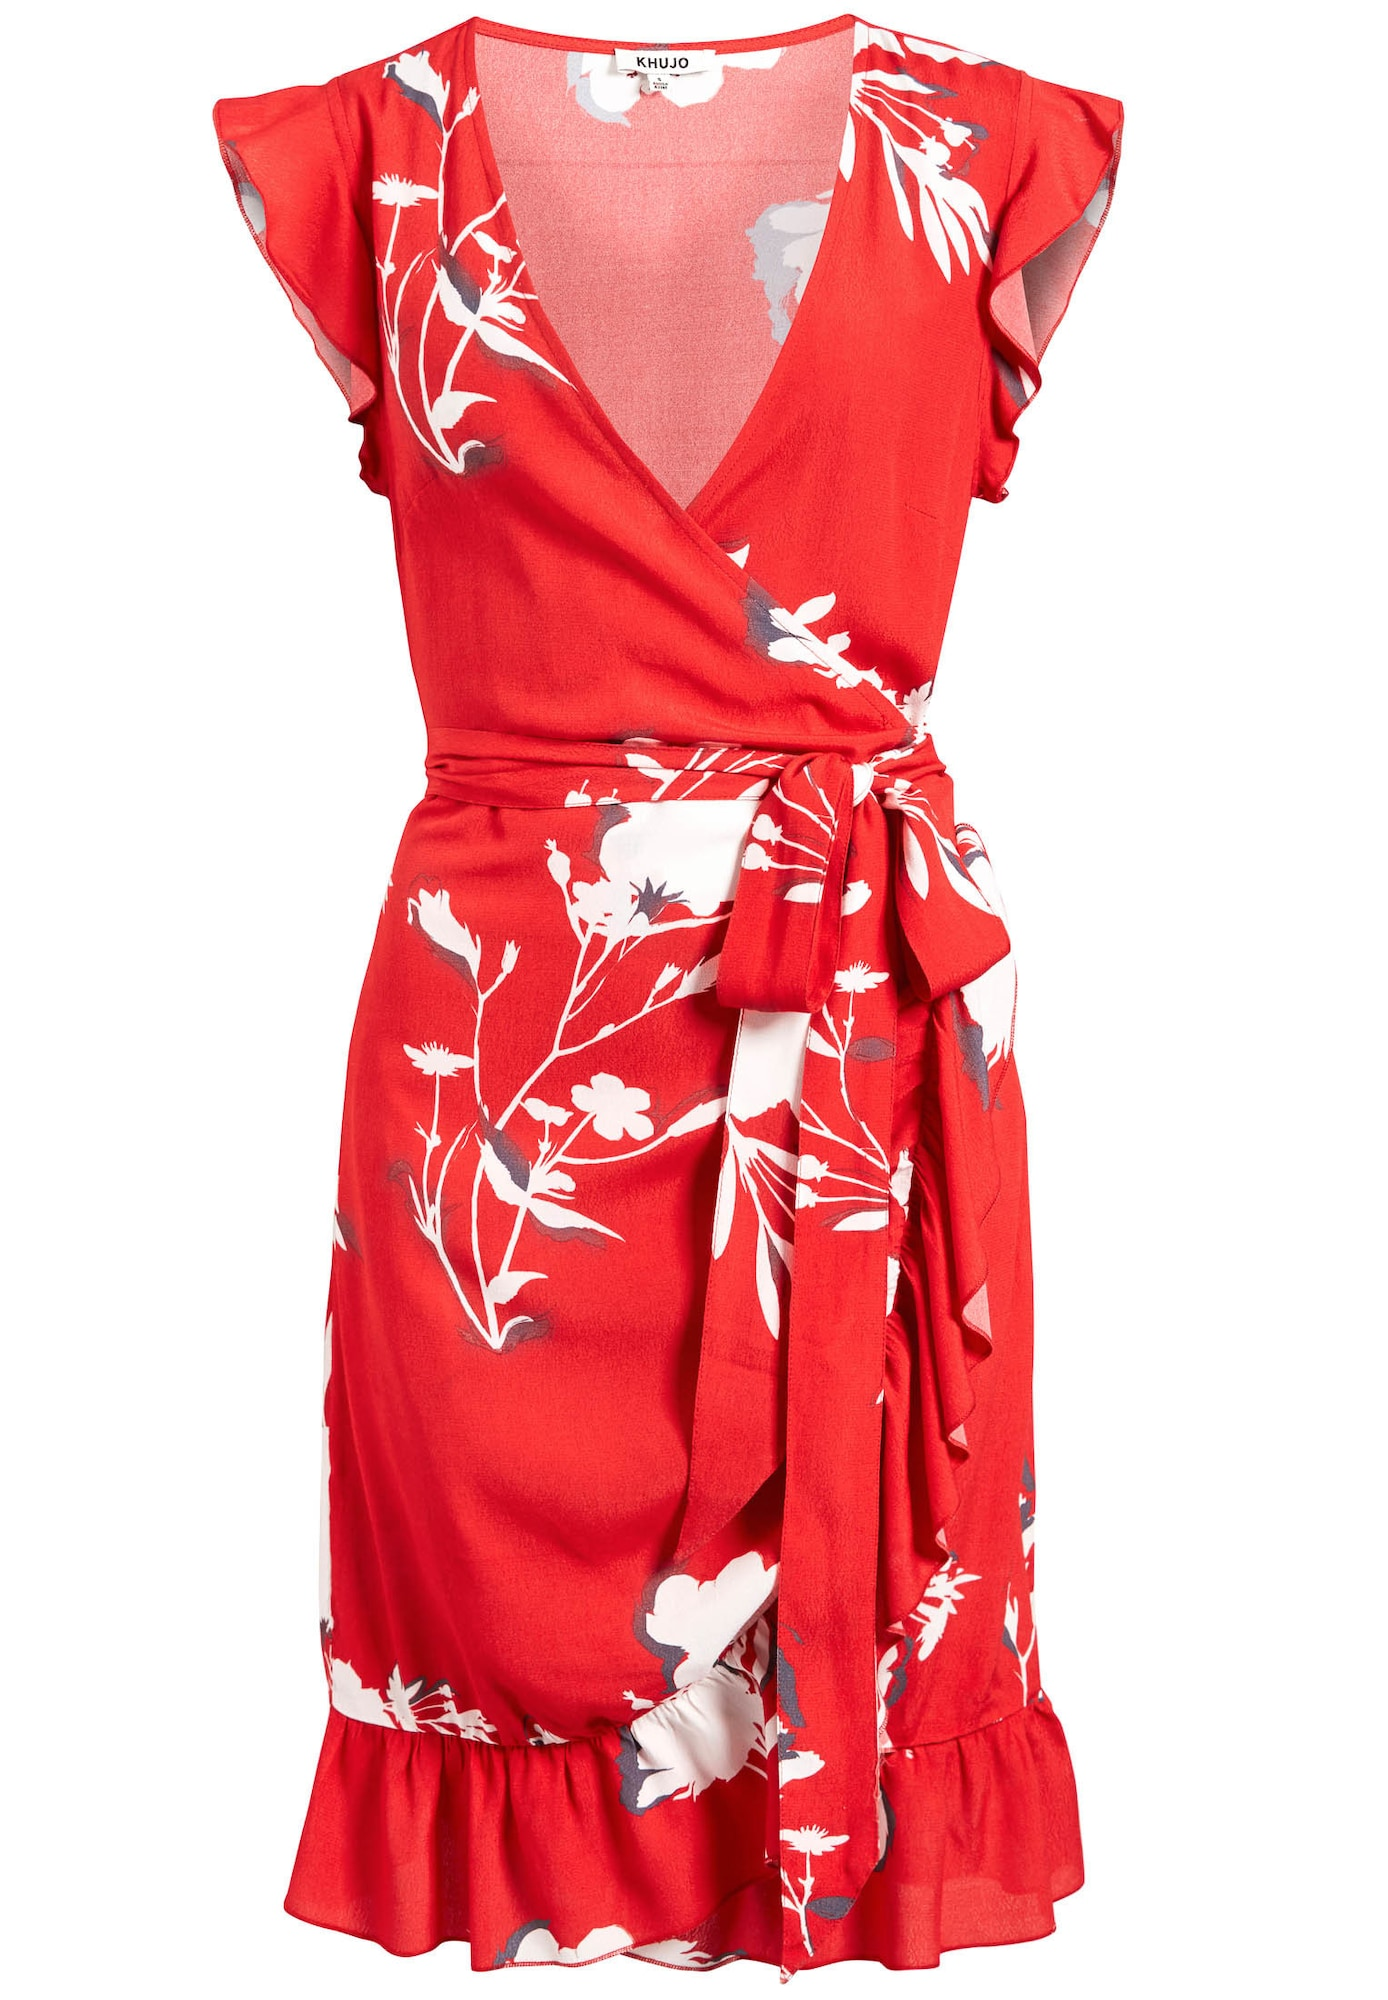 Letní šaty Emery tmavě šedá ohnivá červená bílá Khujo